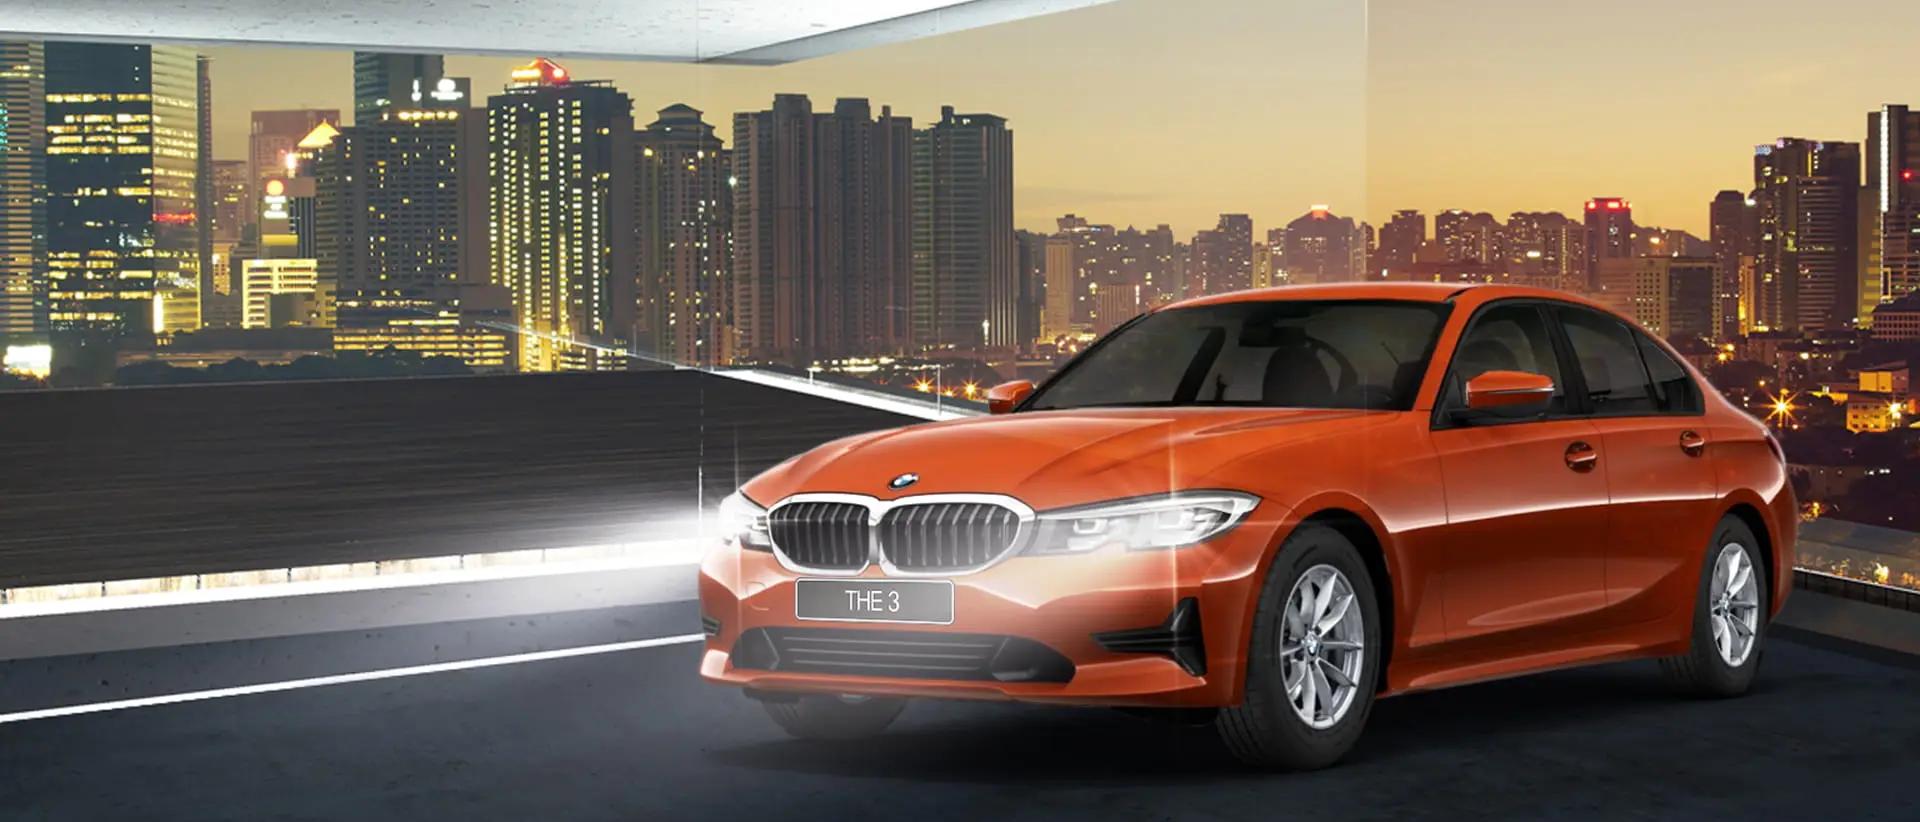 Купить новый БМВ 6 серии Гран Туризмо (GT) 2020-2021 в Москве в автосалоне официального дилера BMW Автодом Внуково